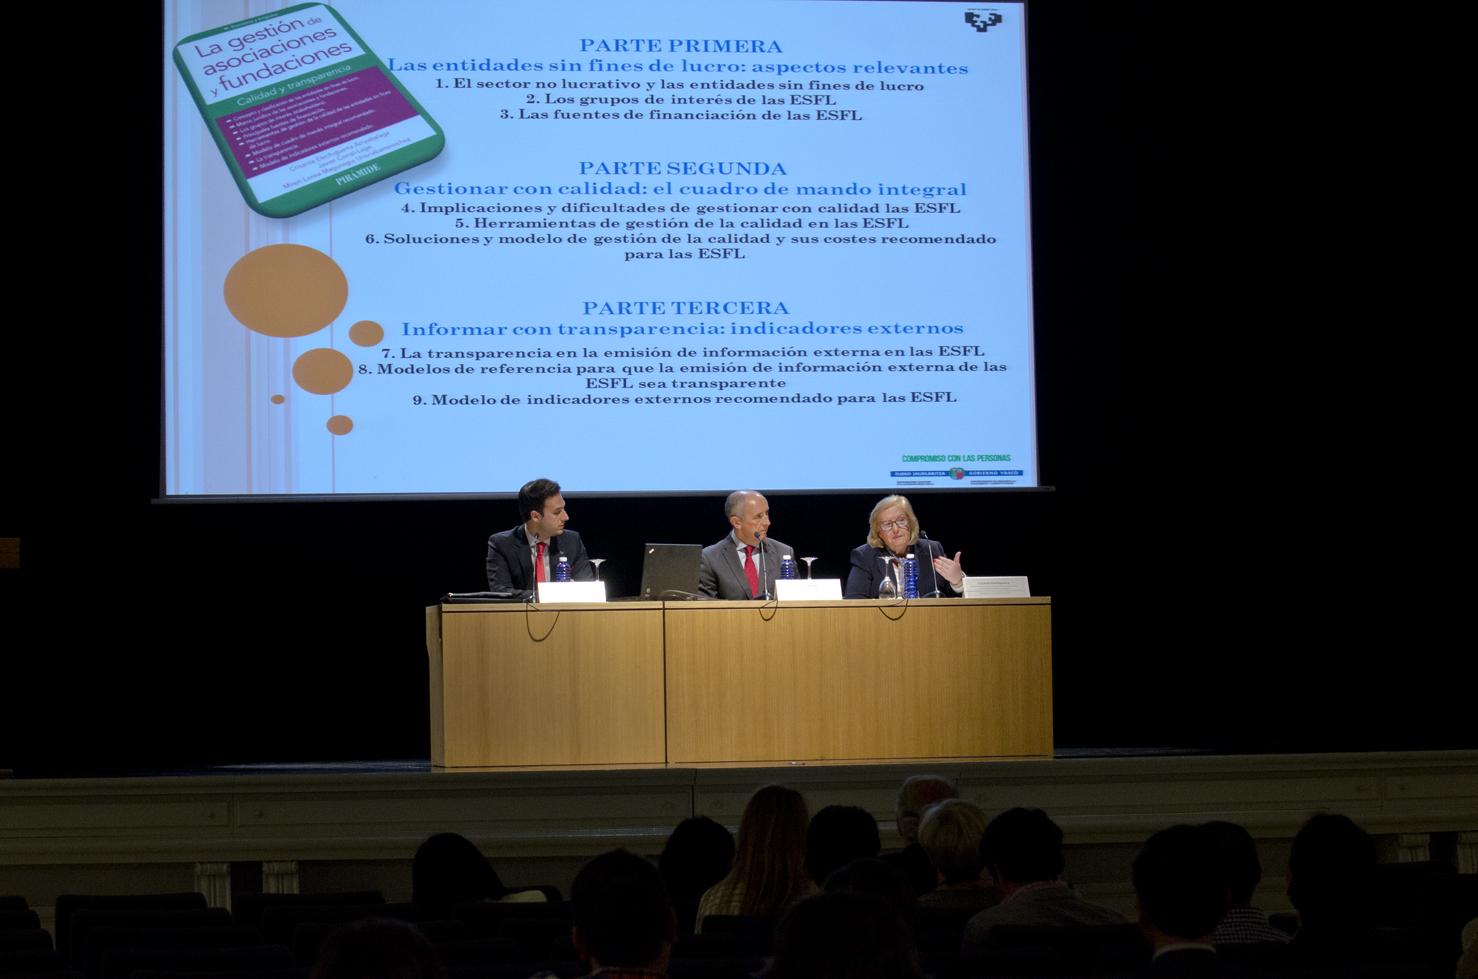 gestion_asociaciones_fundaciones03.jpg